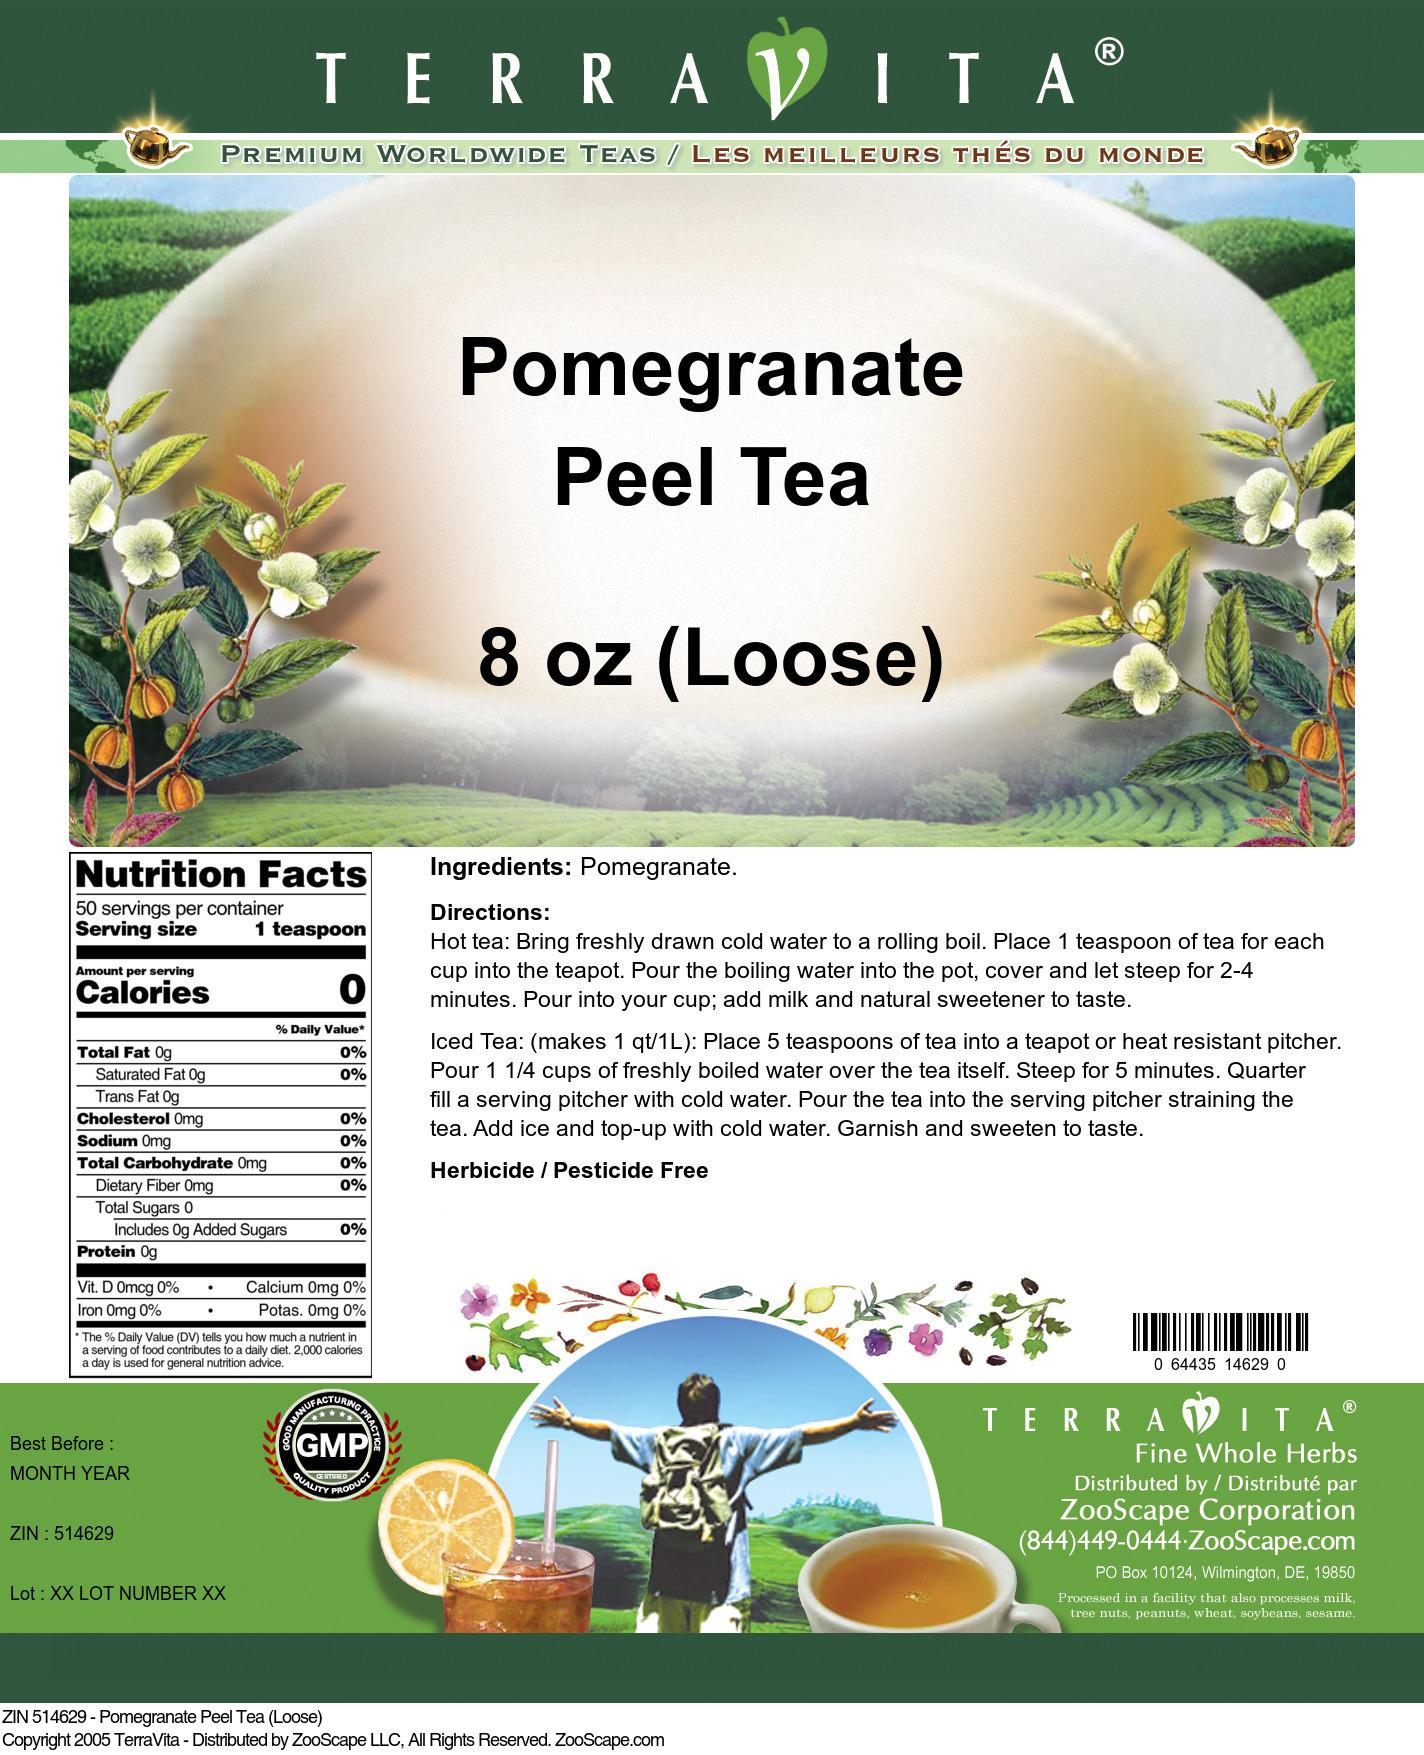 Pomegranate Peel Tea (Loose)